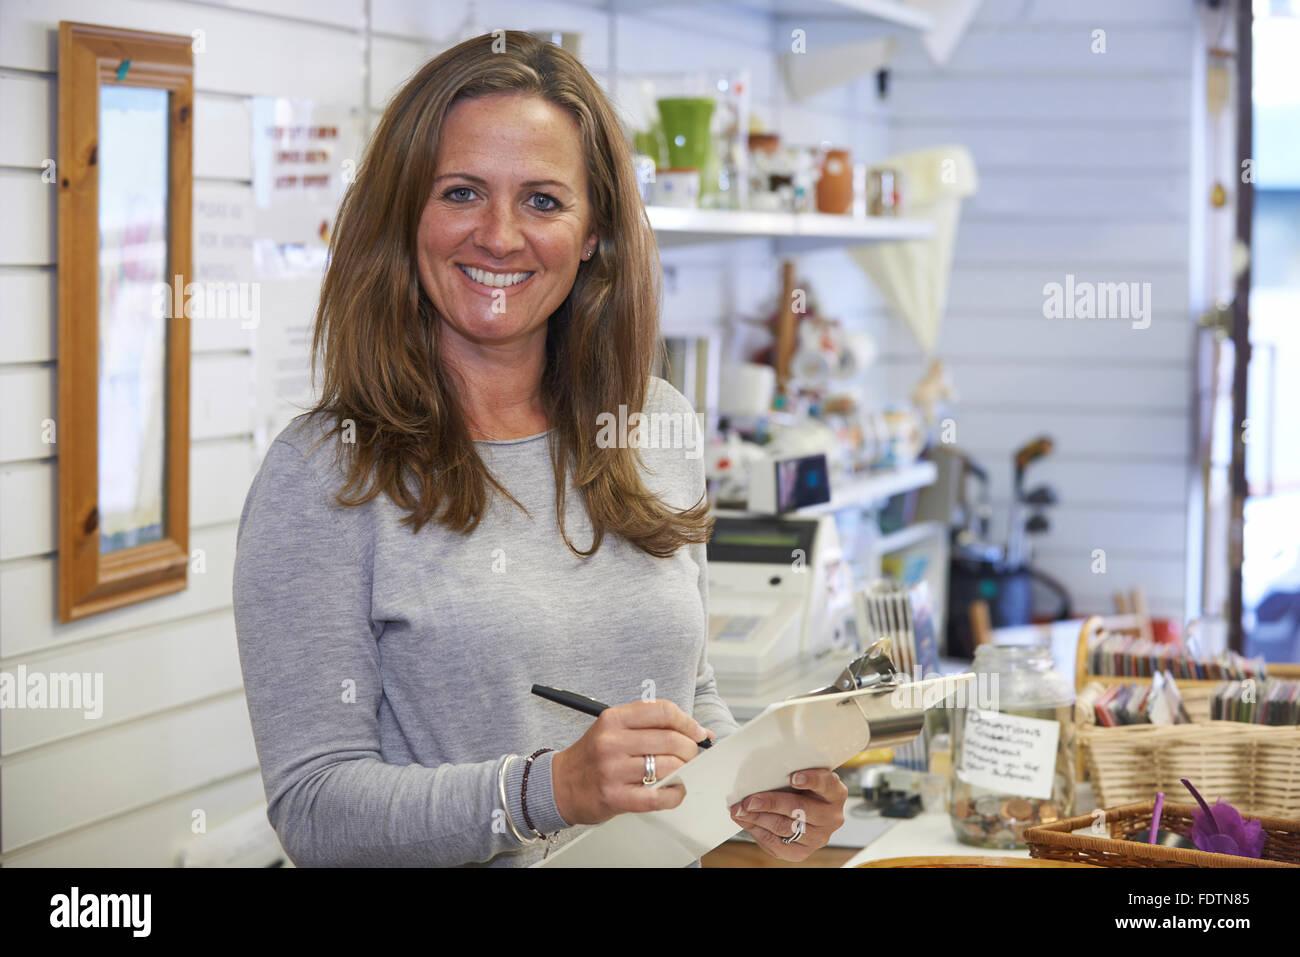 Portrait Of Volunteer Working In Charity Shop - Stock Image